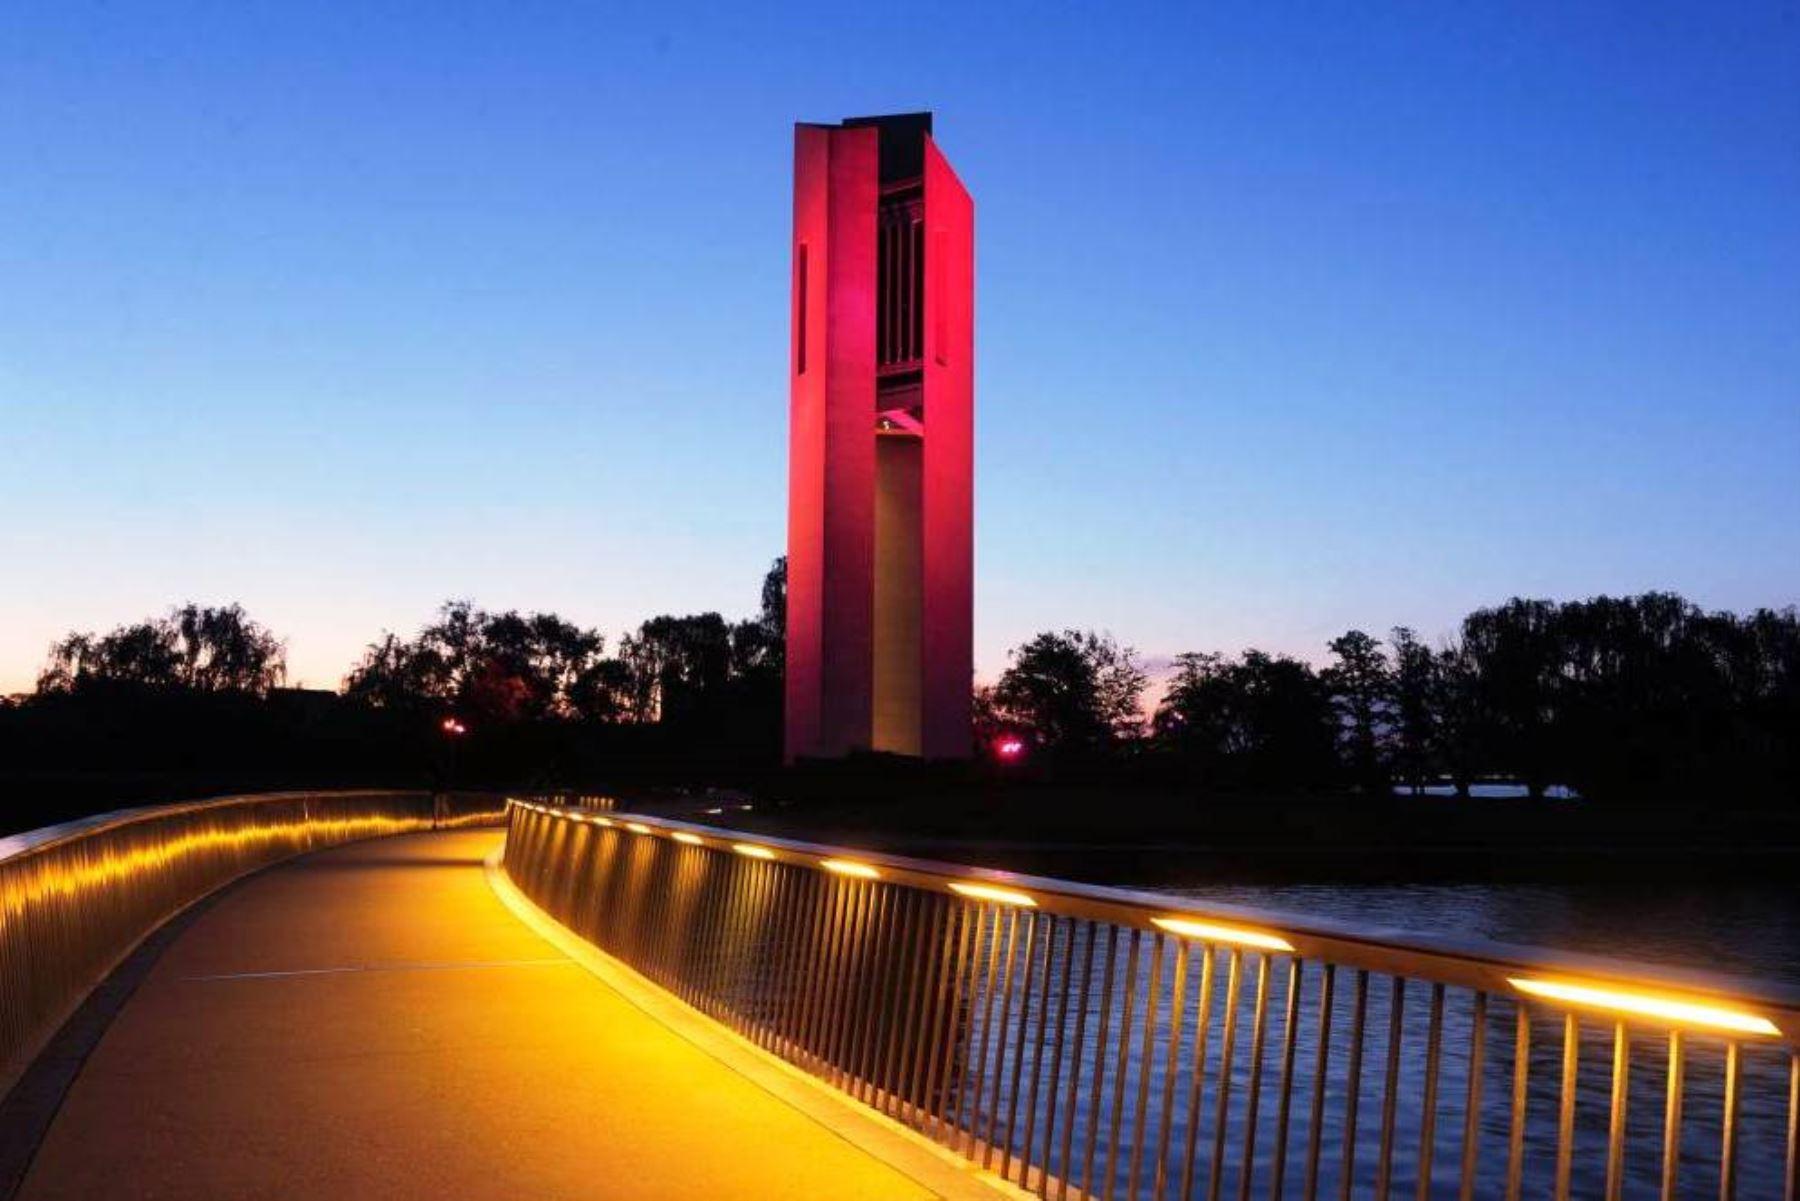 El emblemático edificio National Carillon, ubicado en el centro Canberra, capital de Australia, fue iluminada con los colores rojo y blanco del Perú. Foto: ANDINA.